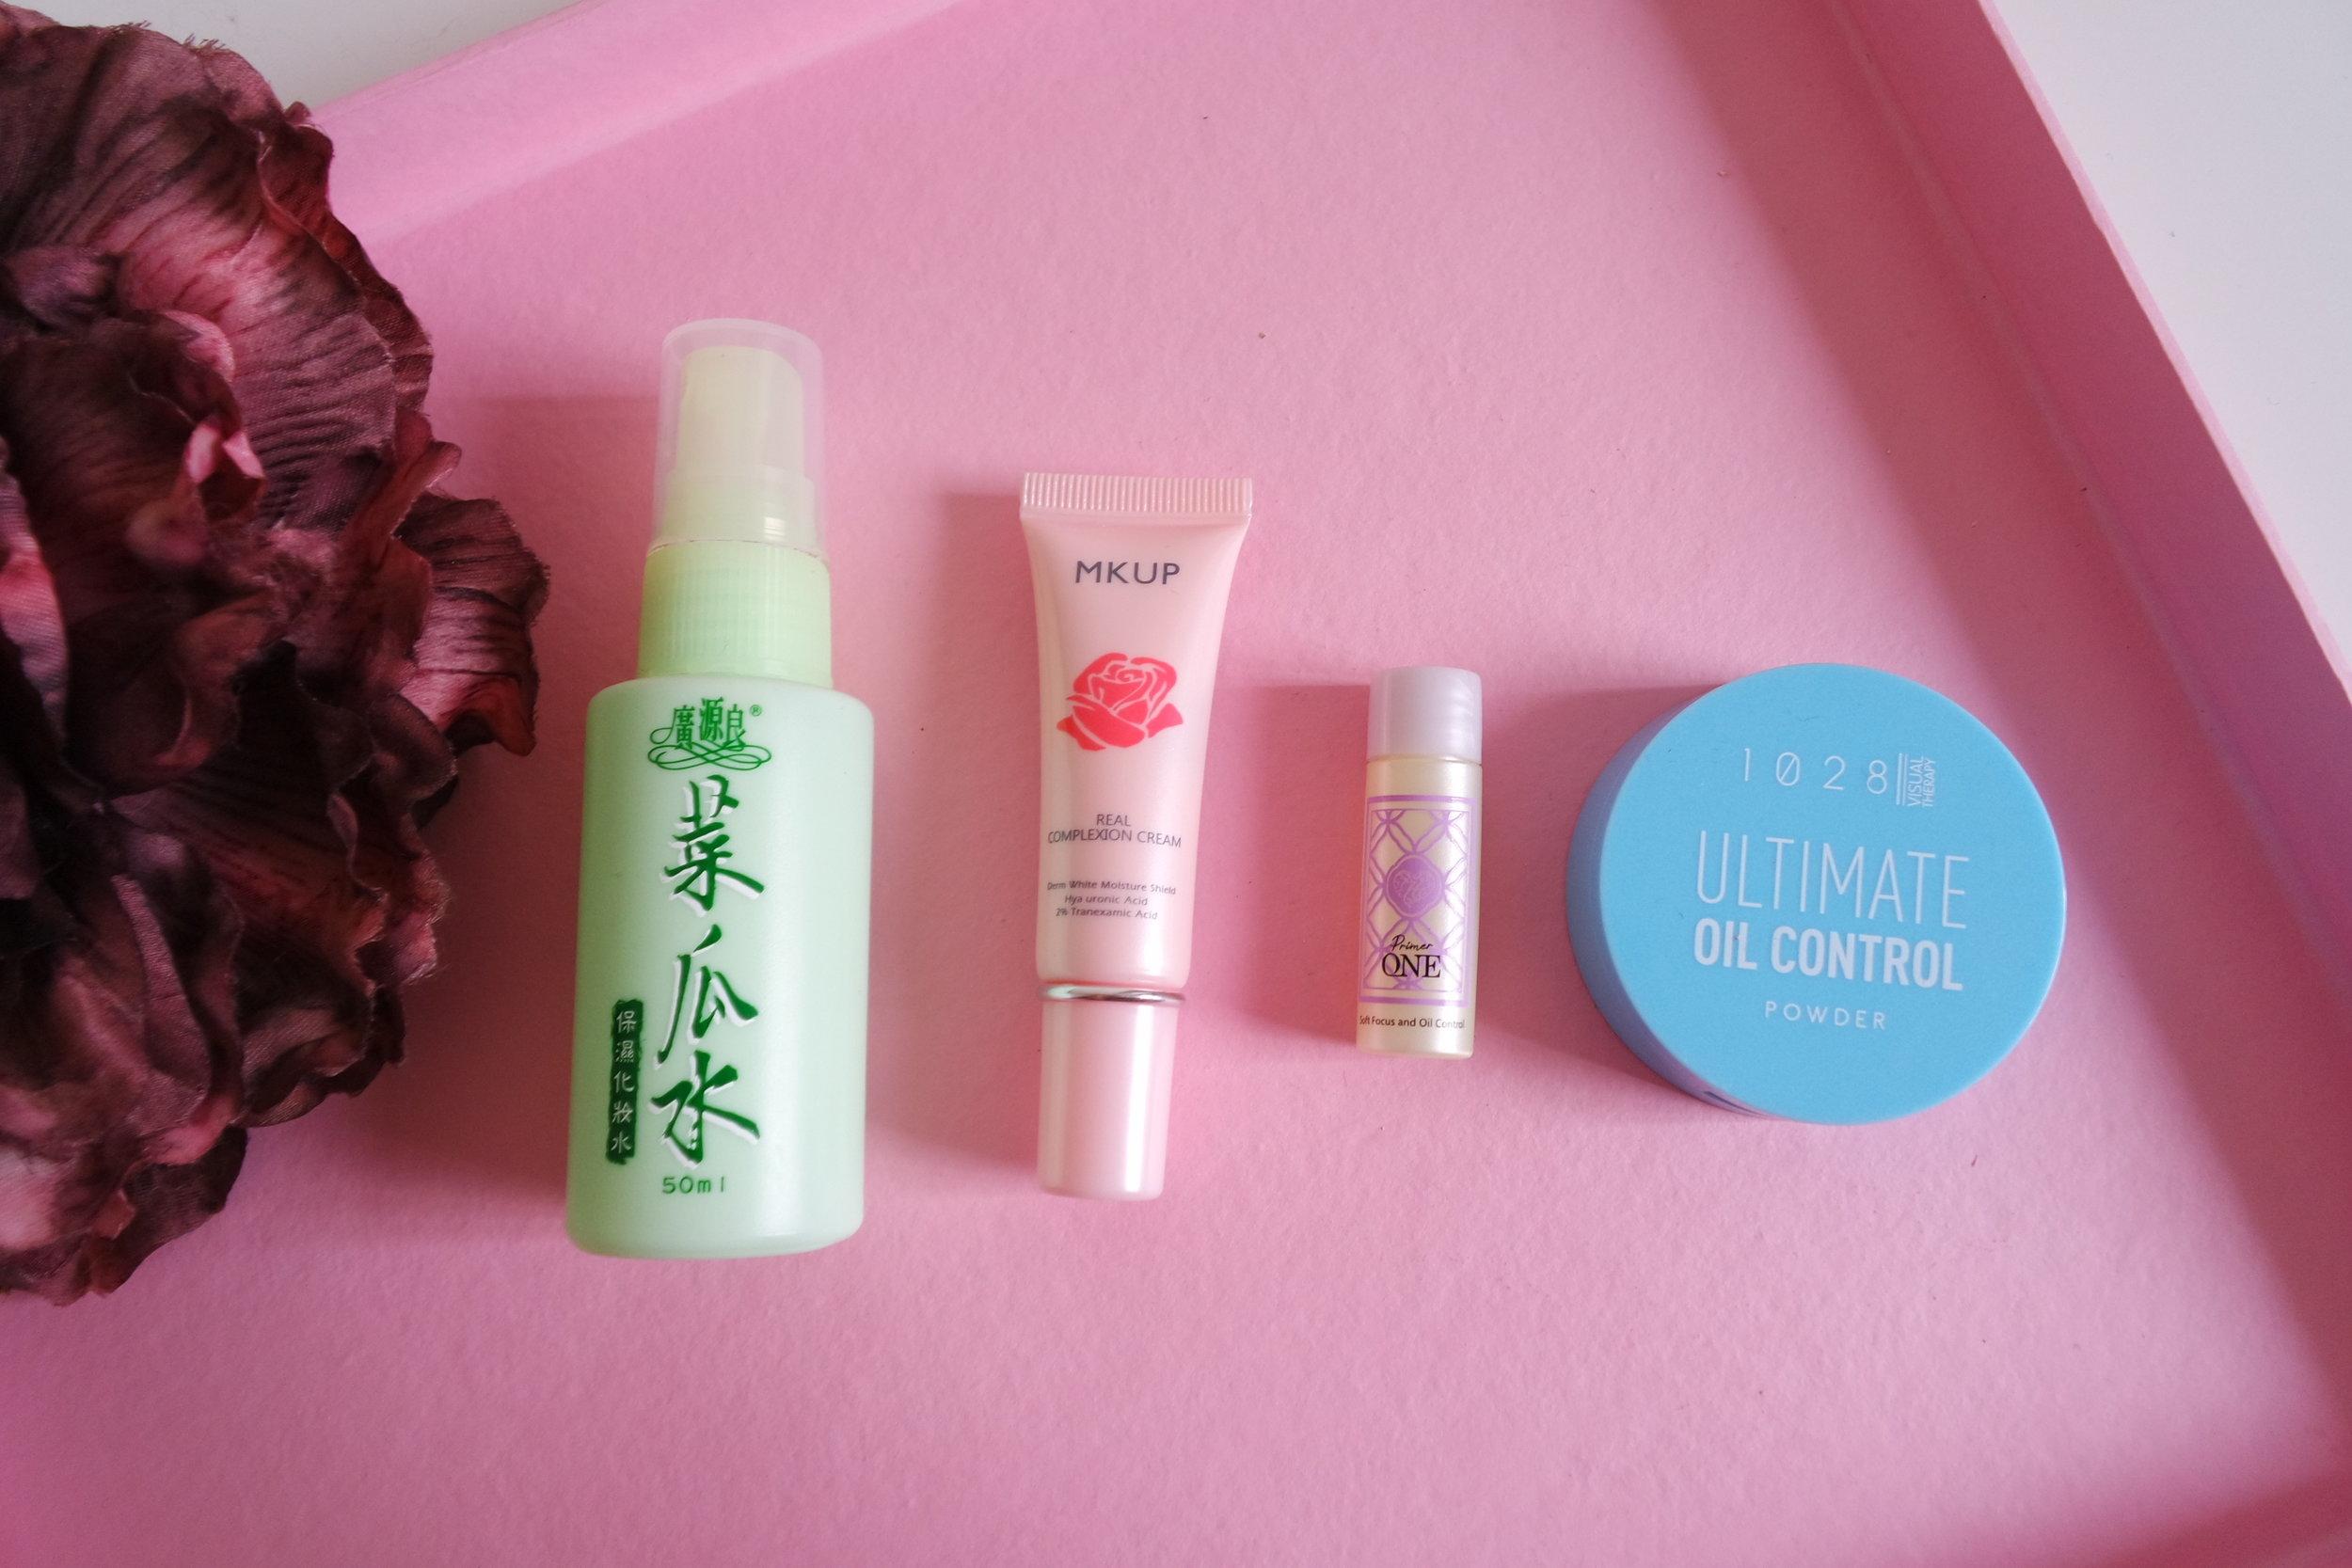 Luffa Toner, Real Complexion Cream, Primer-One Face Primer, Ultimate Oil Control Powder